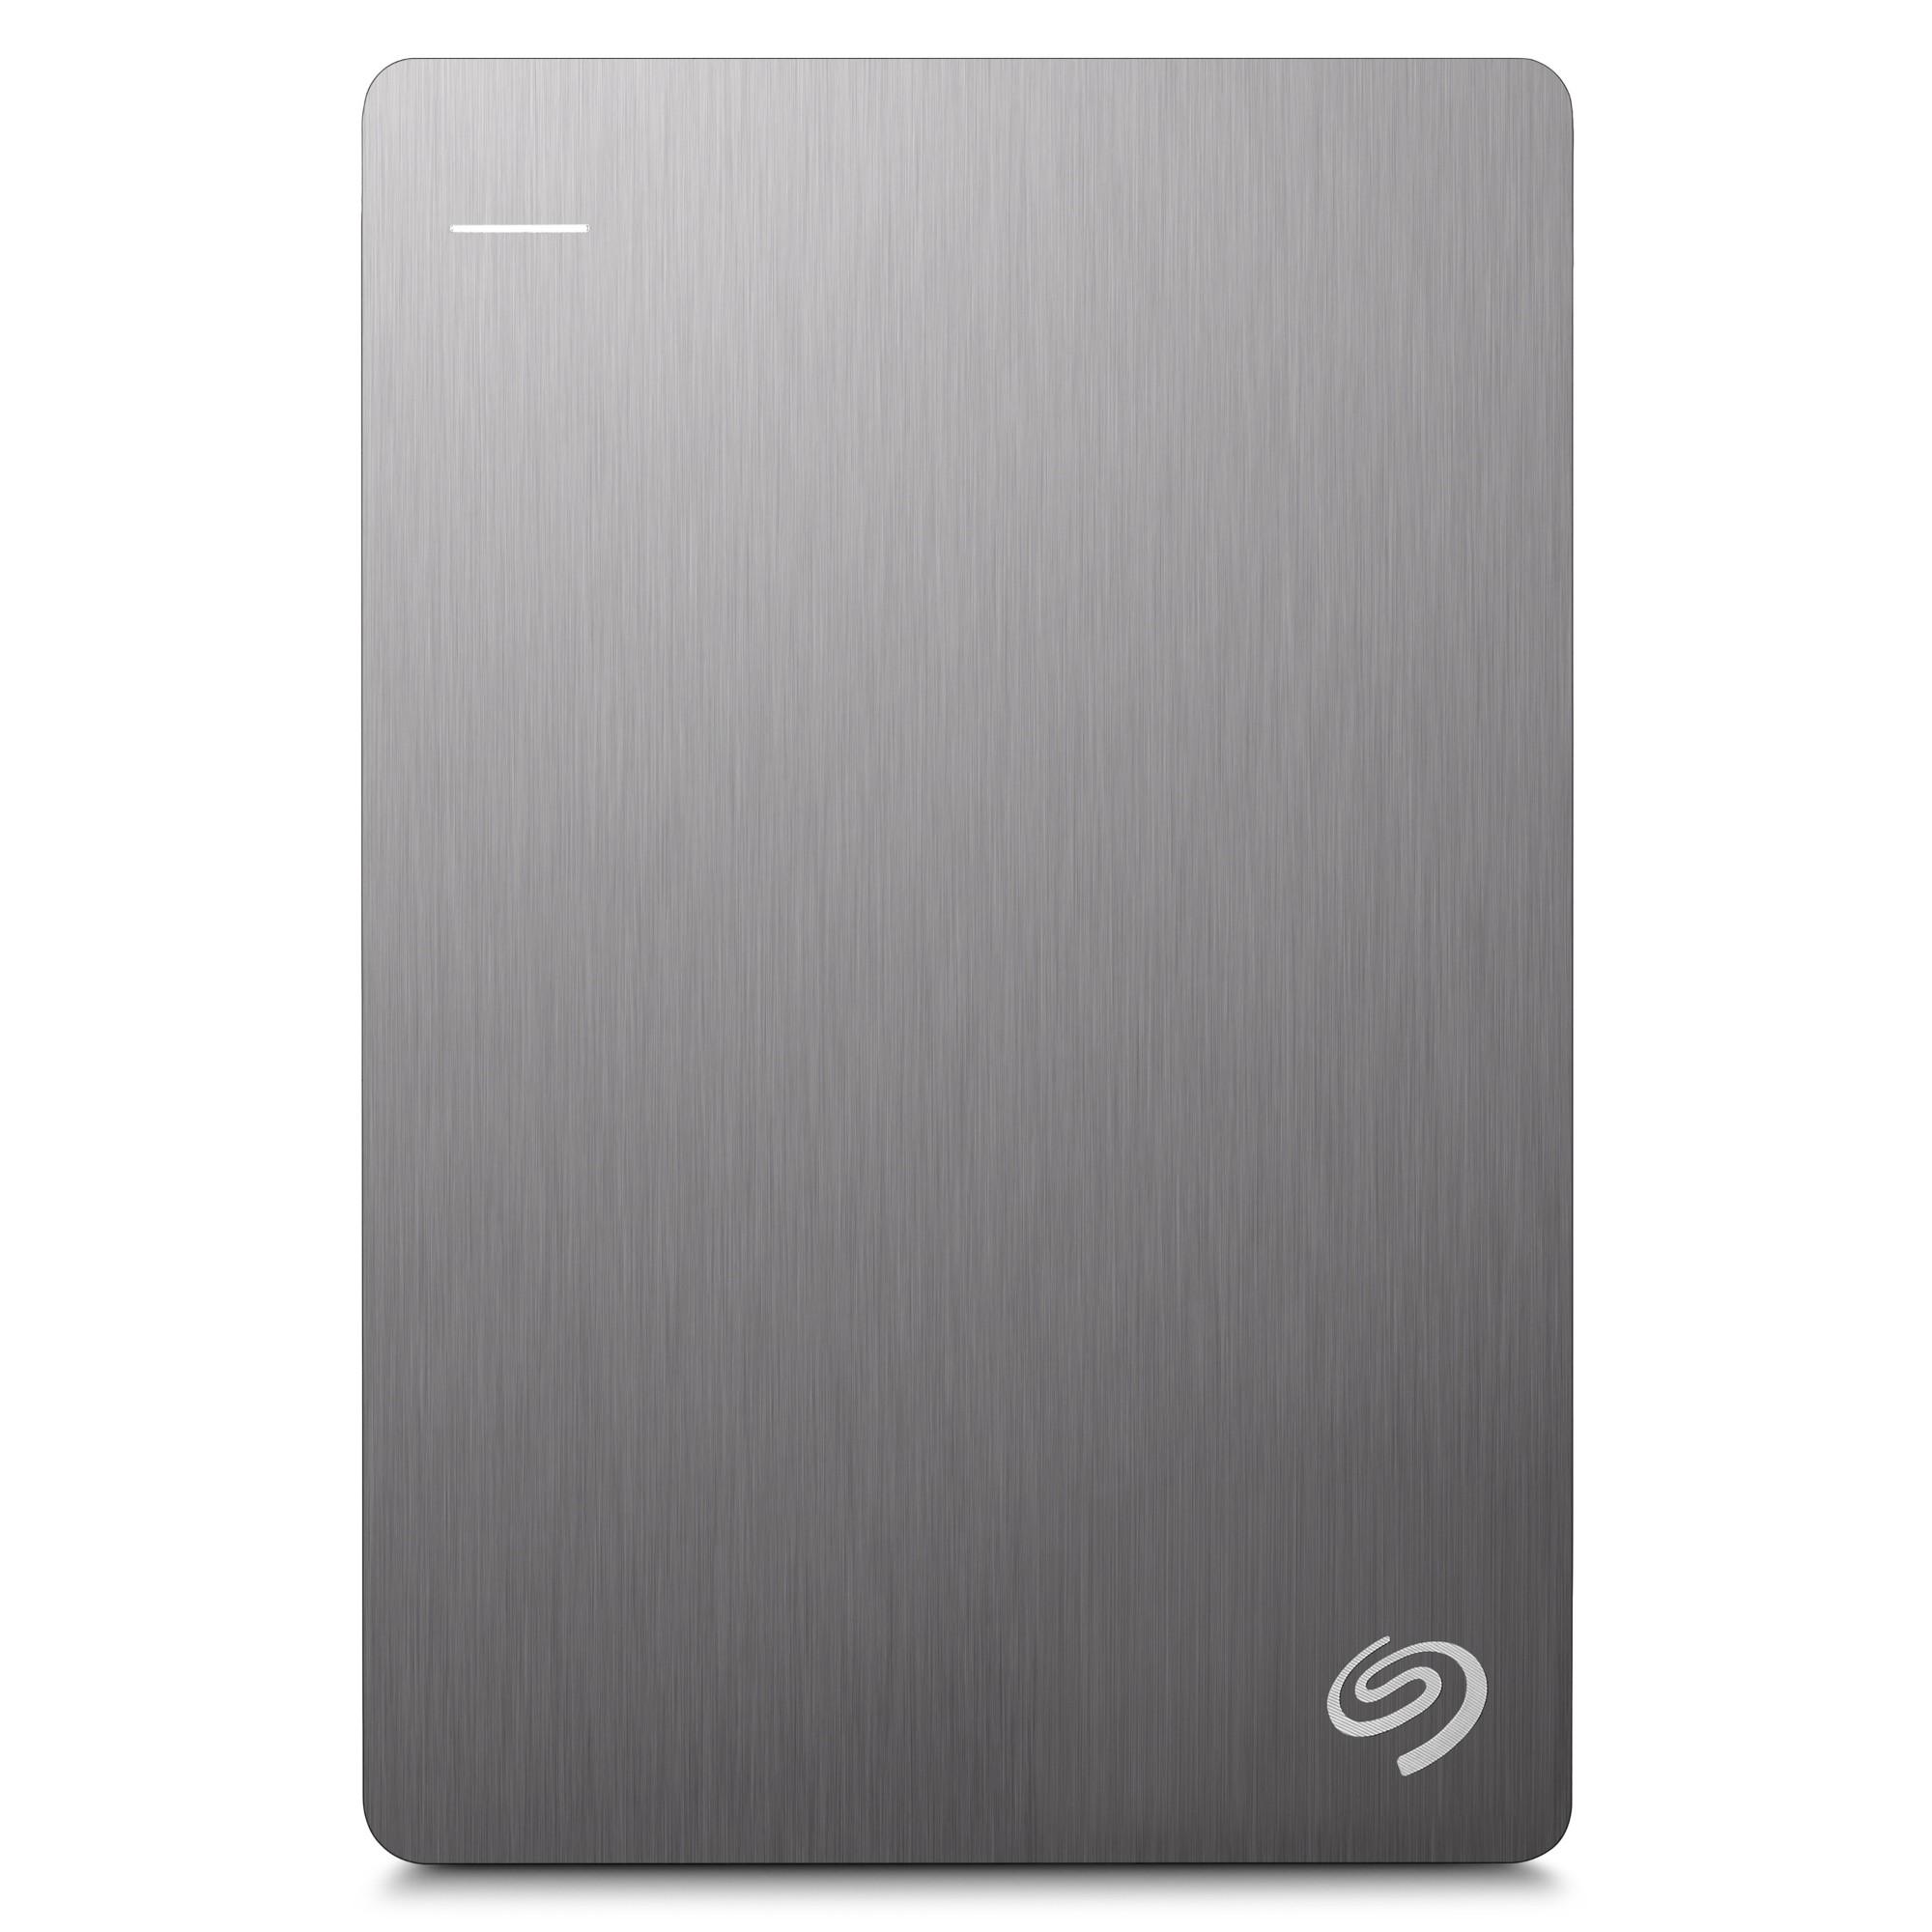 Seagate Backup Plus Slim Portable Drive 1TB, Silver